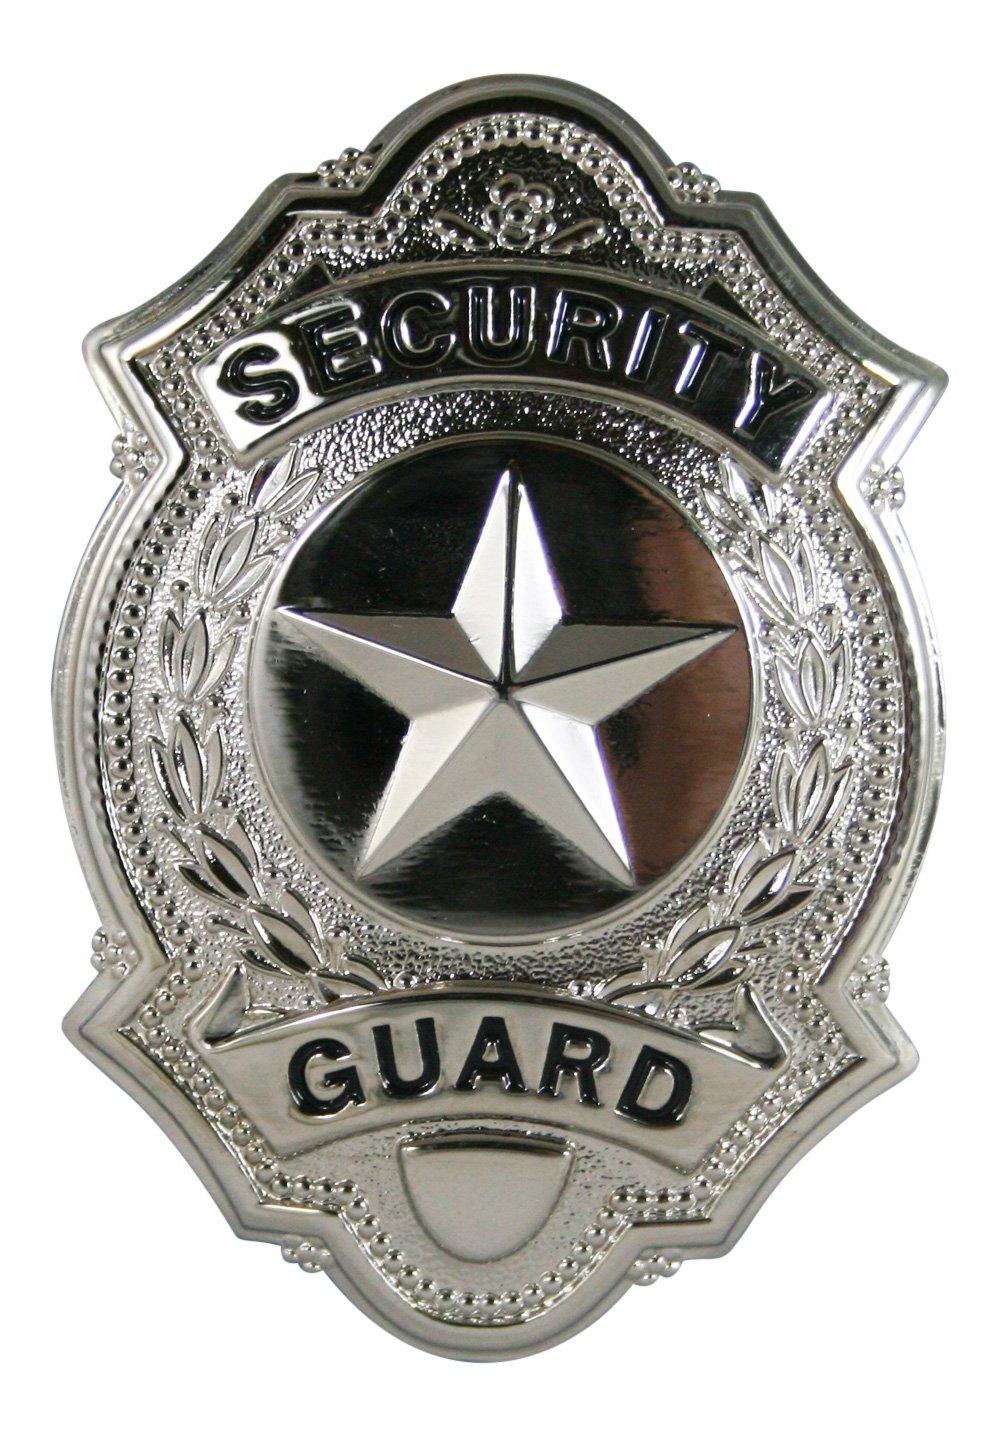 Security Guard Officer Star Center Uniform Shirt Jacket